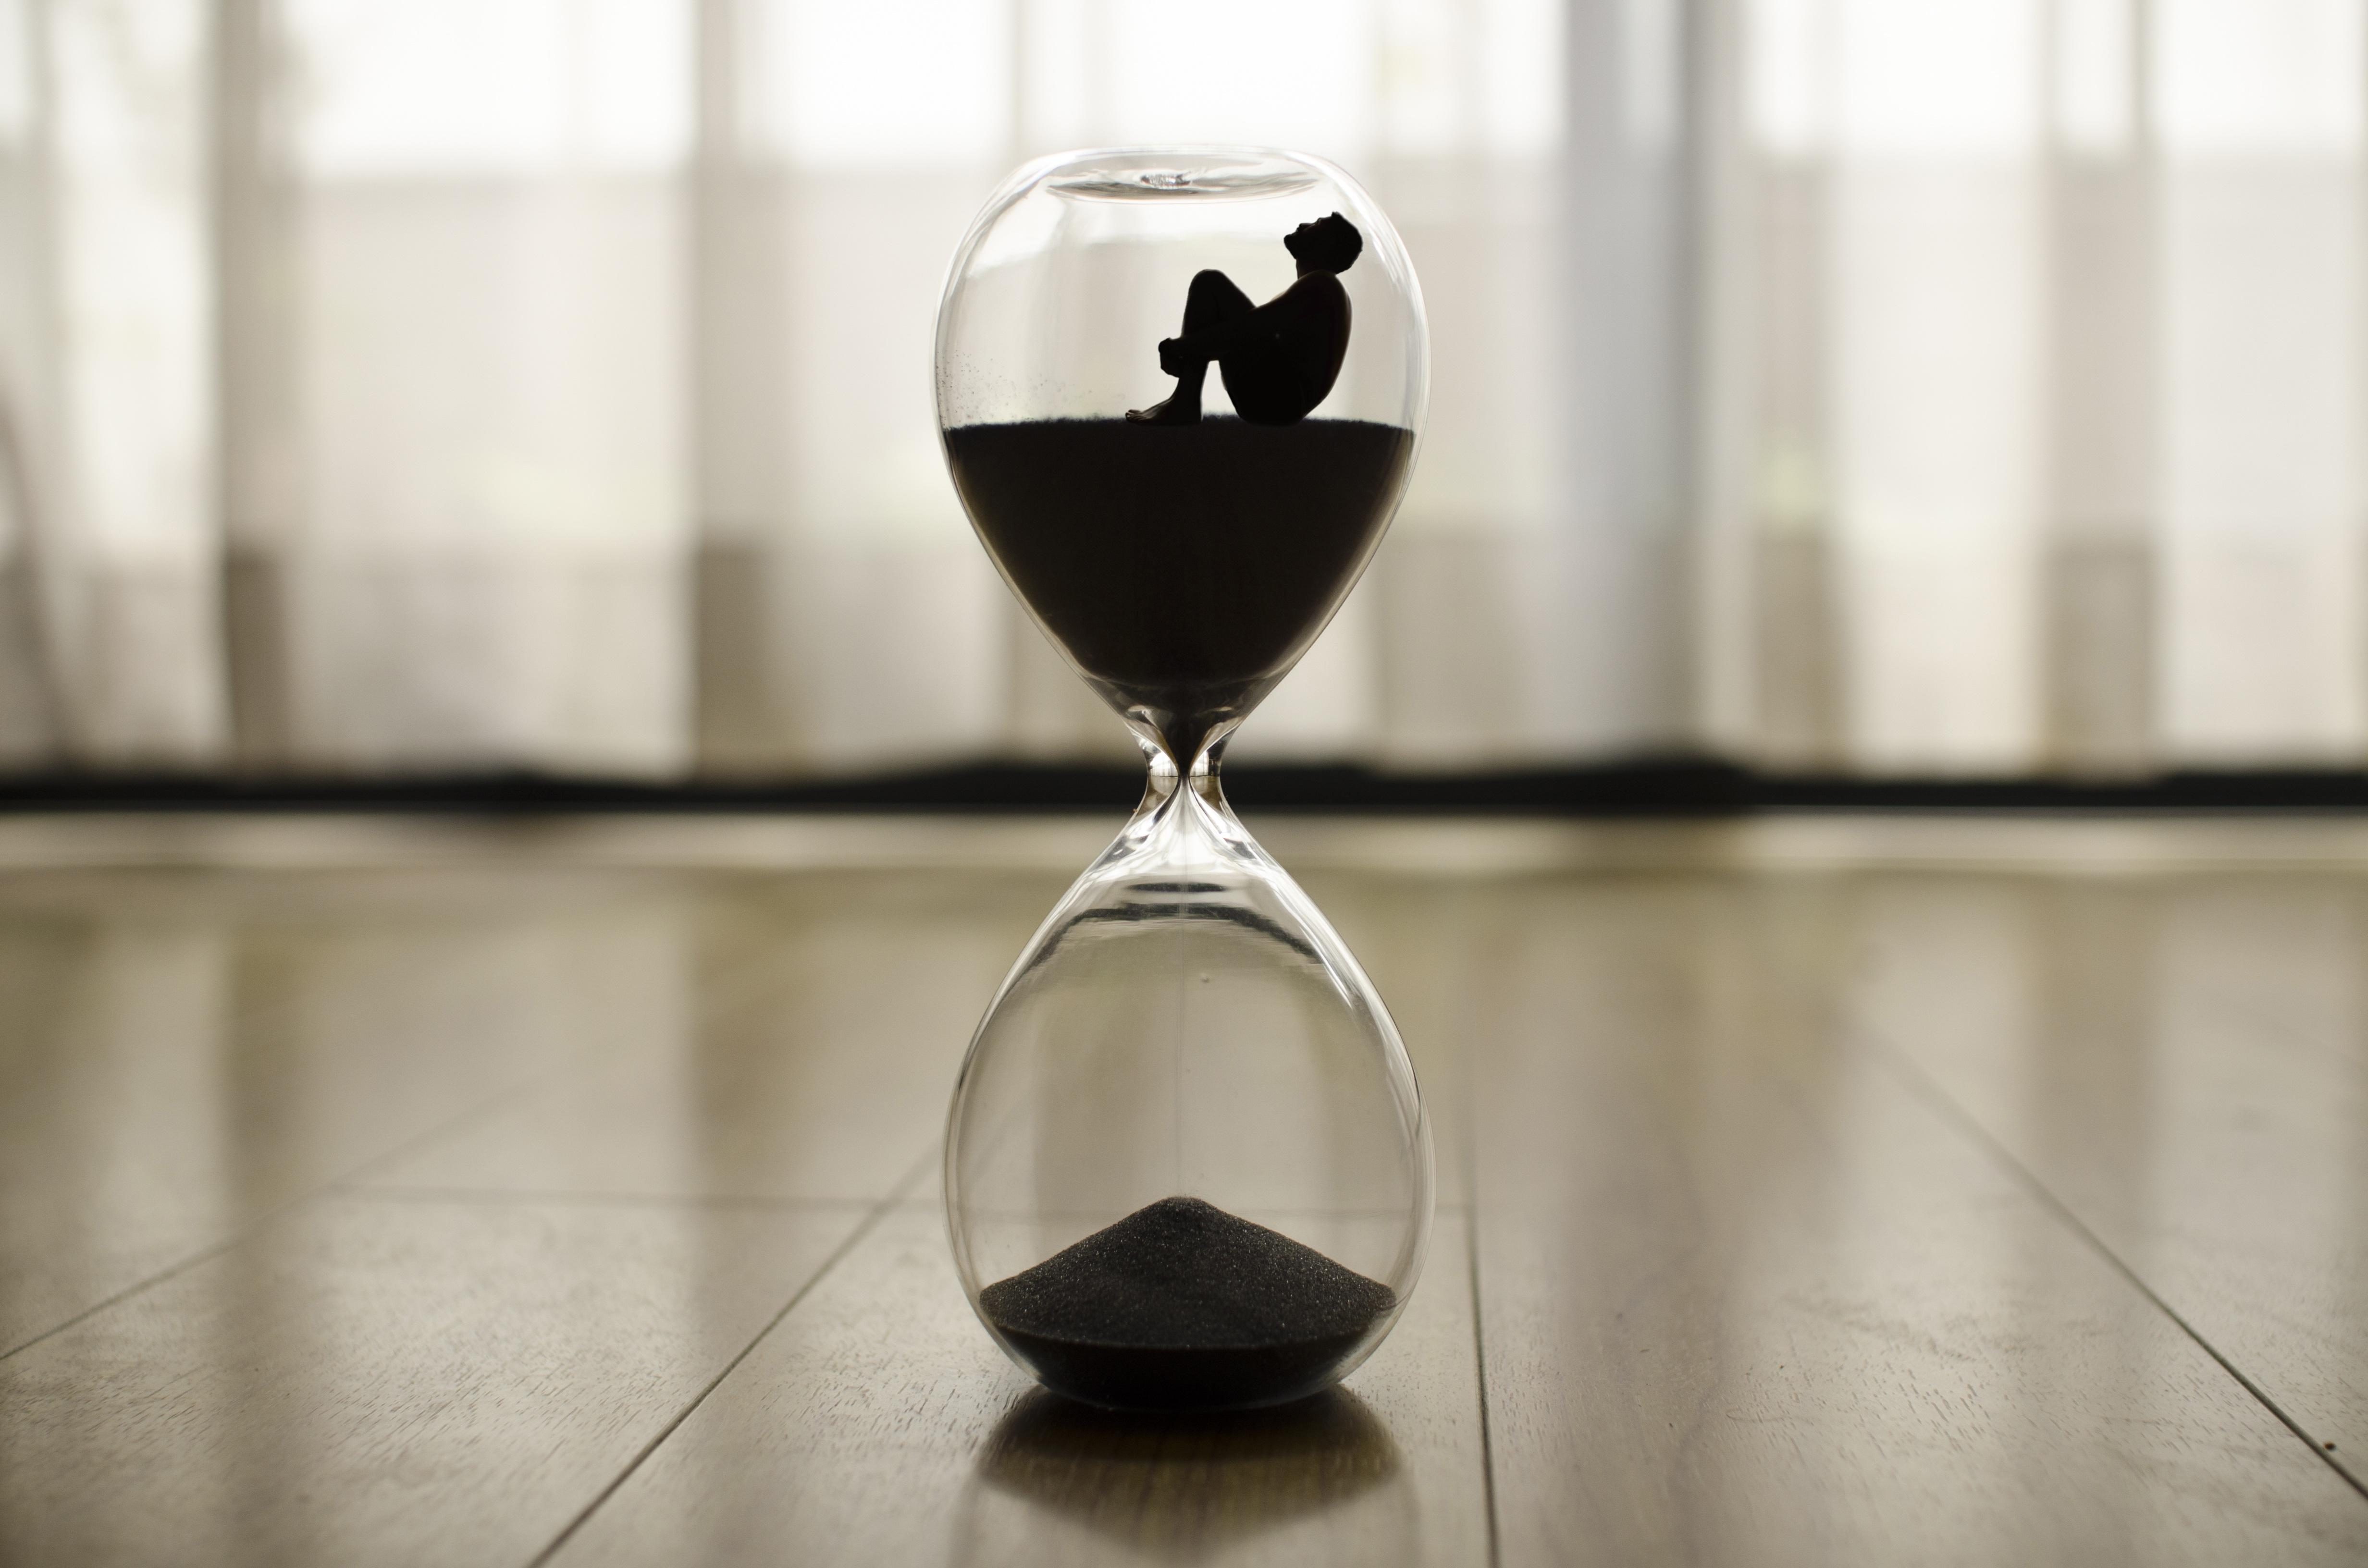 109245 Hintergrundbild herunterladen Verschiedenes, Sonstige, Mensch, Person, Einsamkeit, Zeit, Es Ist Zeit, Sanduhr - Bildschirmschoner und Bilder kostenlos